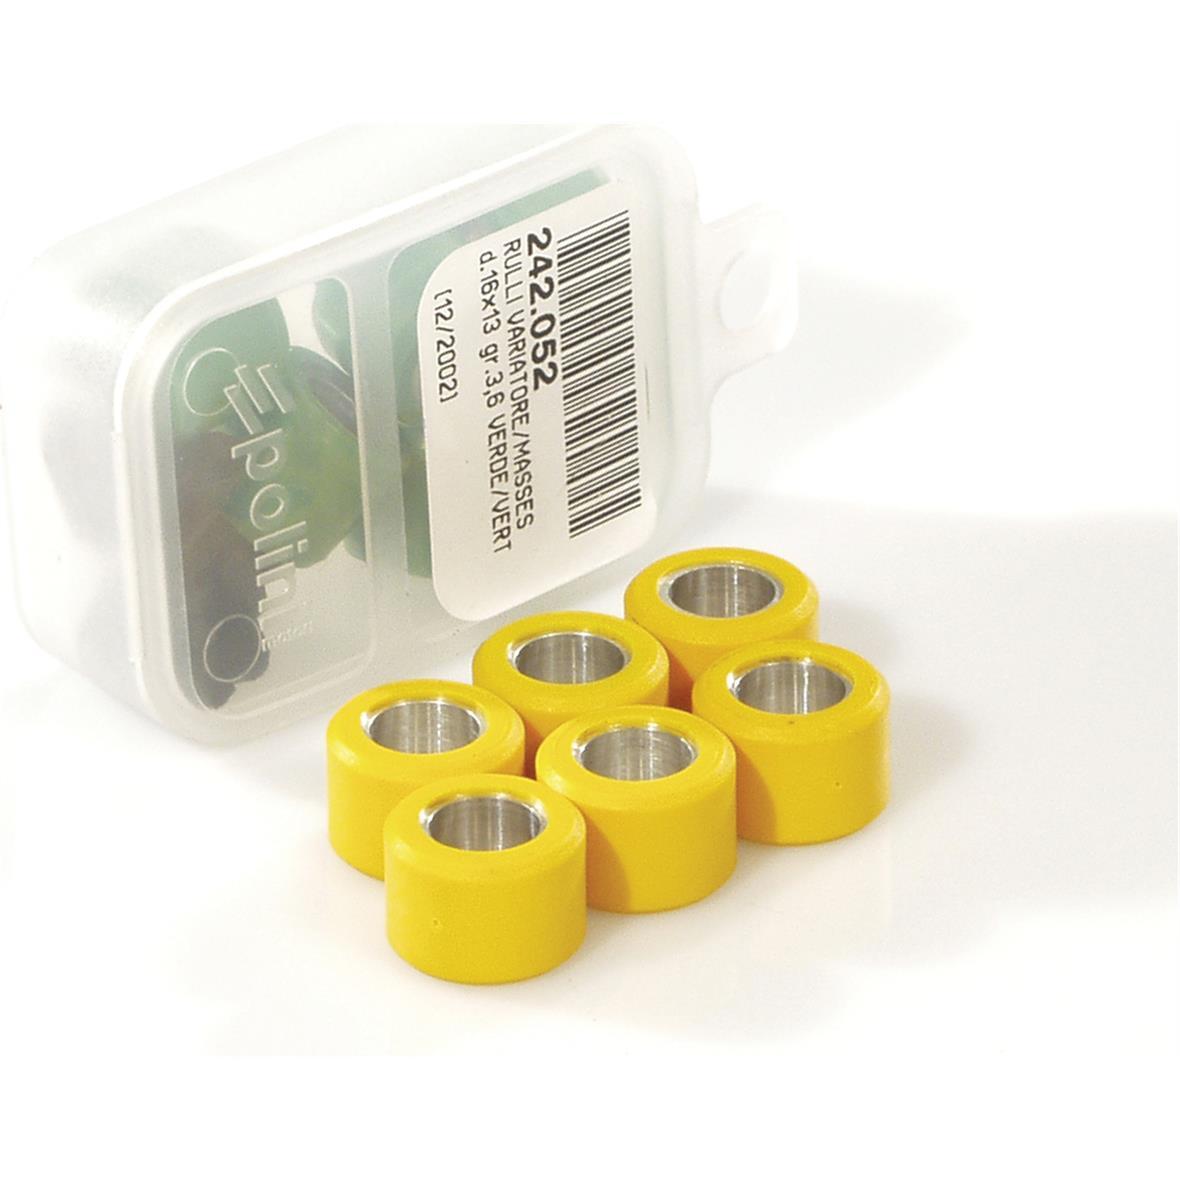 「バリエーター ロール POLINI 15x12 mm 4,1 (グラム)Title」の製品画像